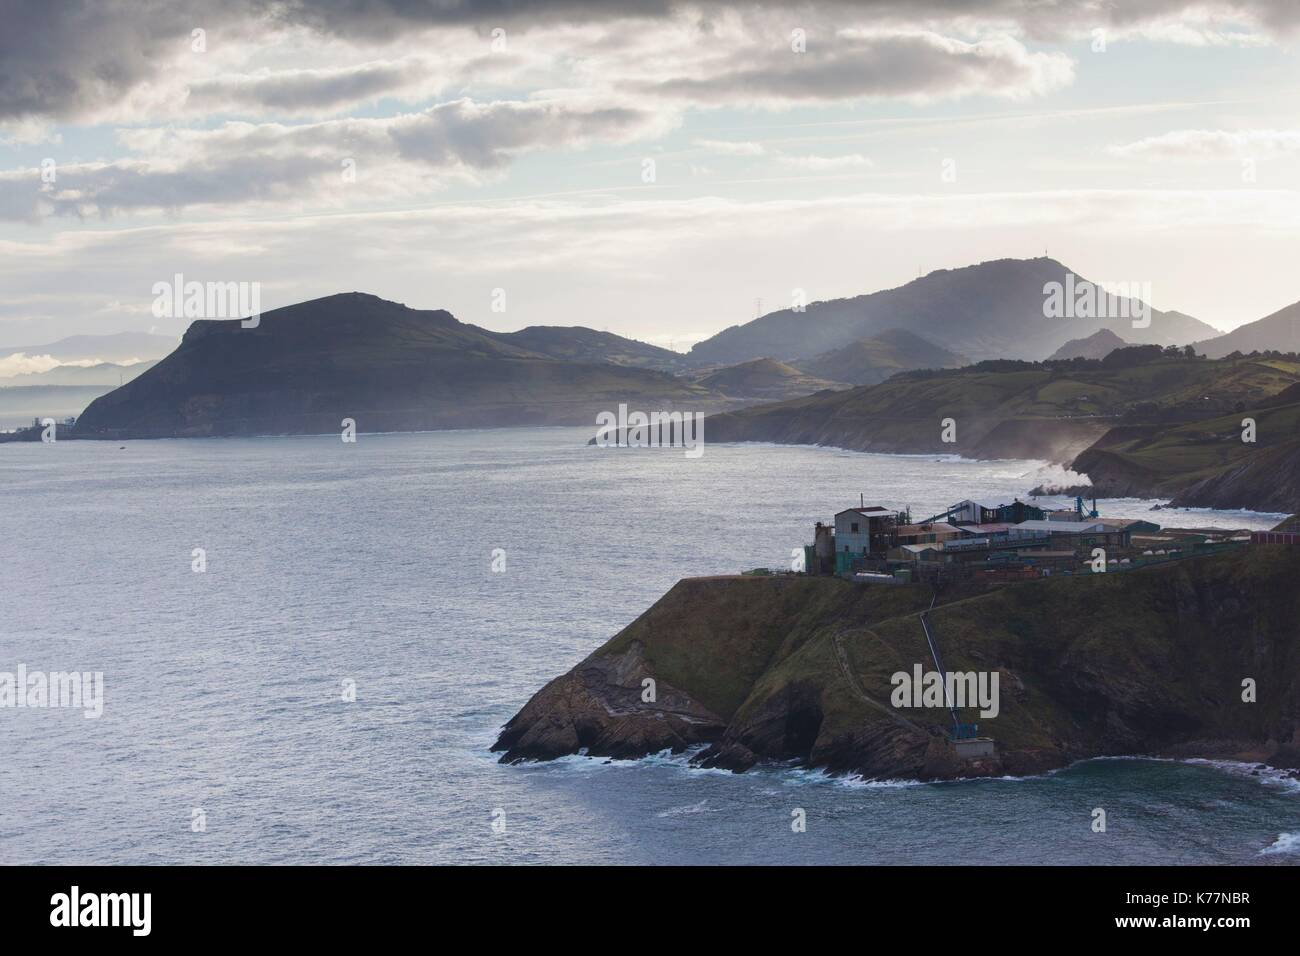 Spanien, Baskenland Region, Provinz Vizcaya, Bilbao, Miono, mit Blick auf die Mündung des Rio de Bilbao und Stockbild